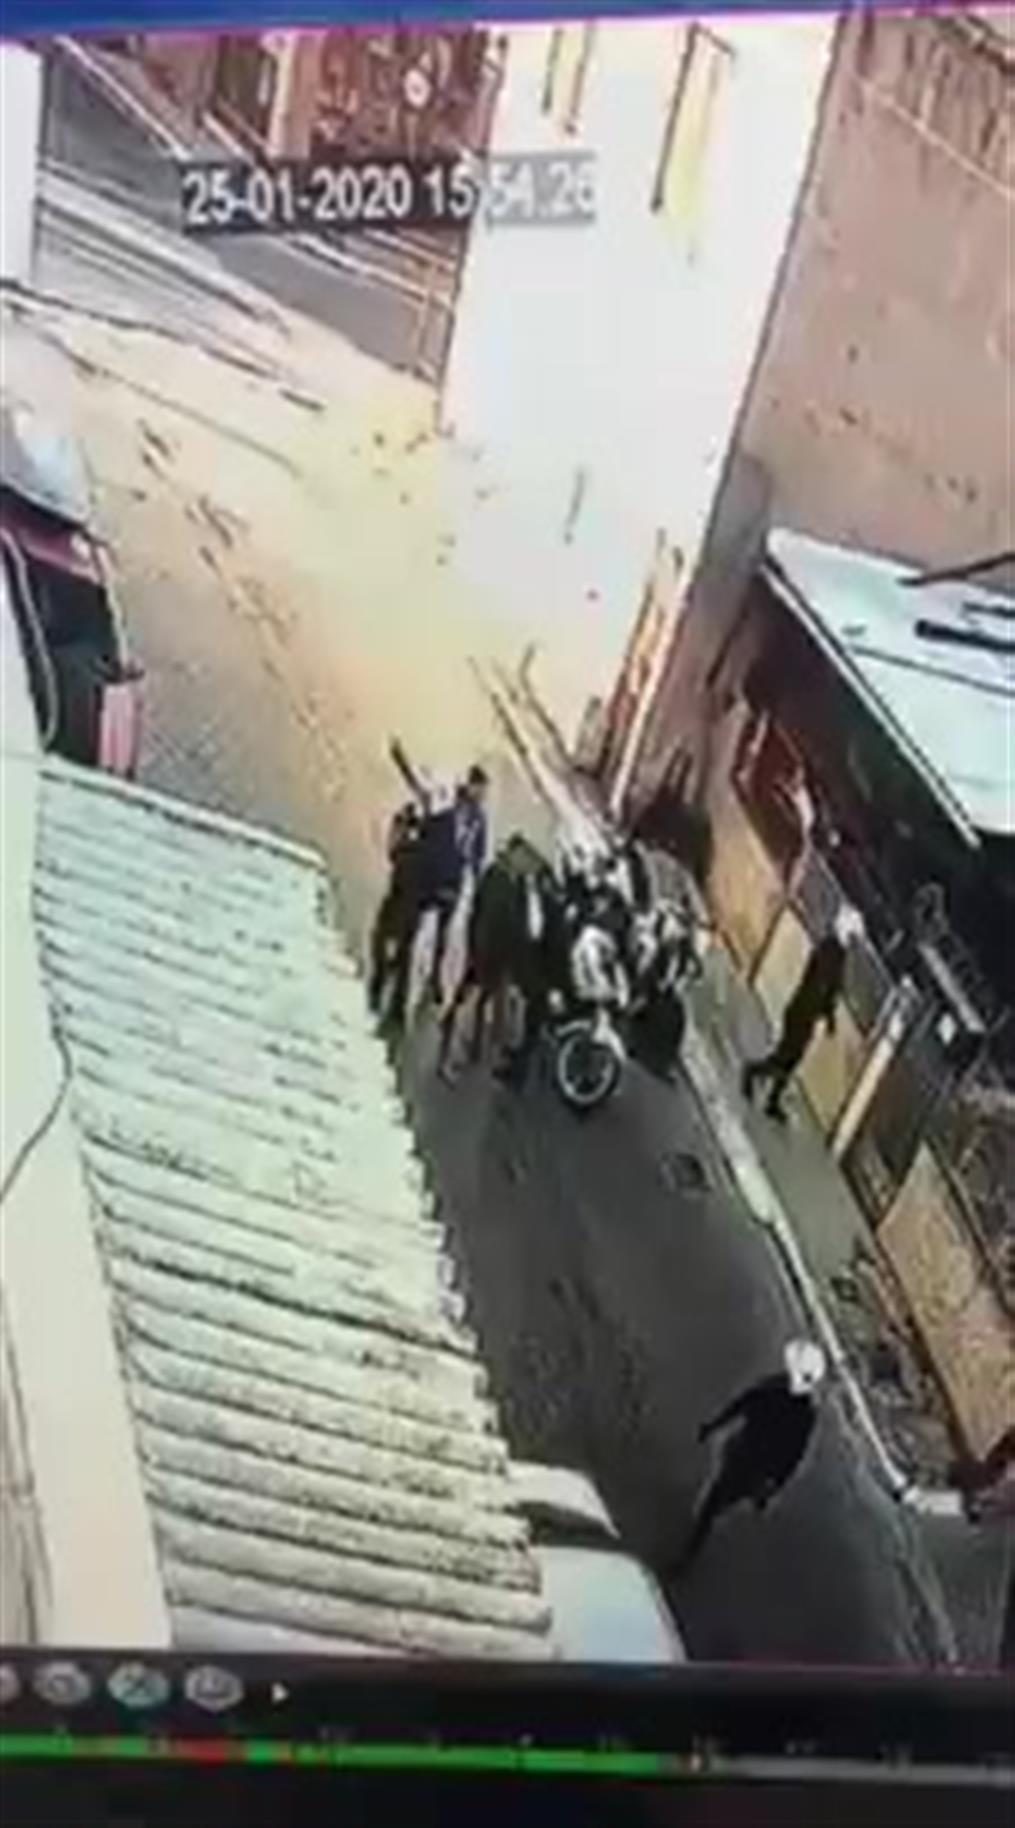 Σάλος από βίντεο που δείχνει αστυνομικό να χτυπά ανήλικο